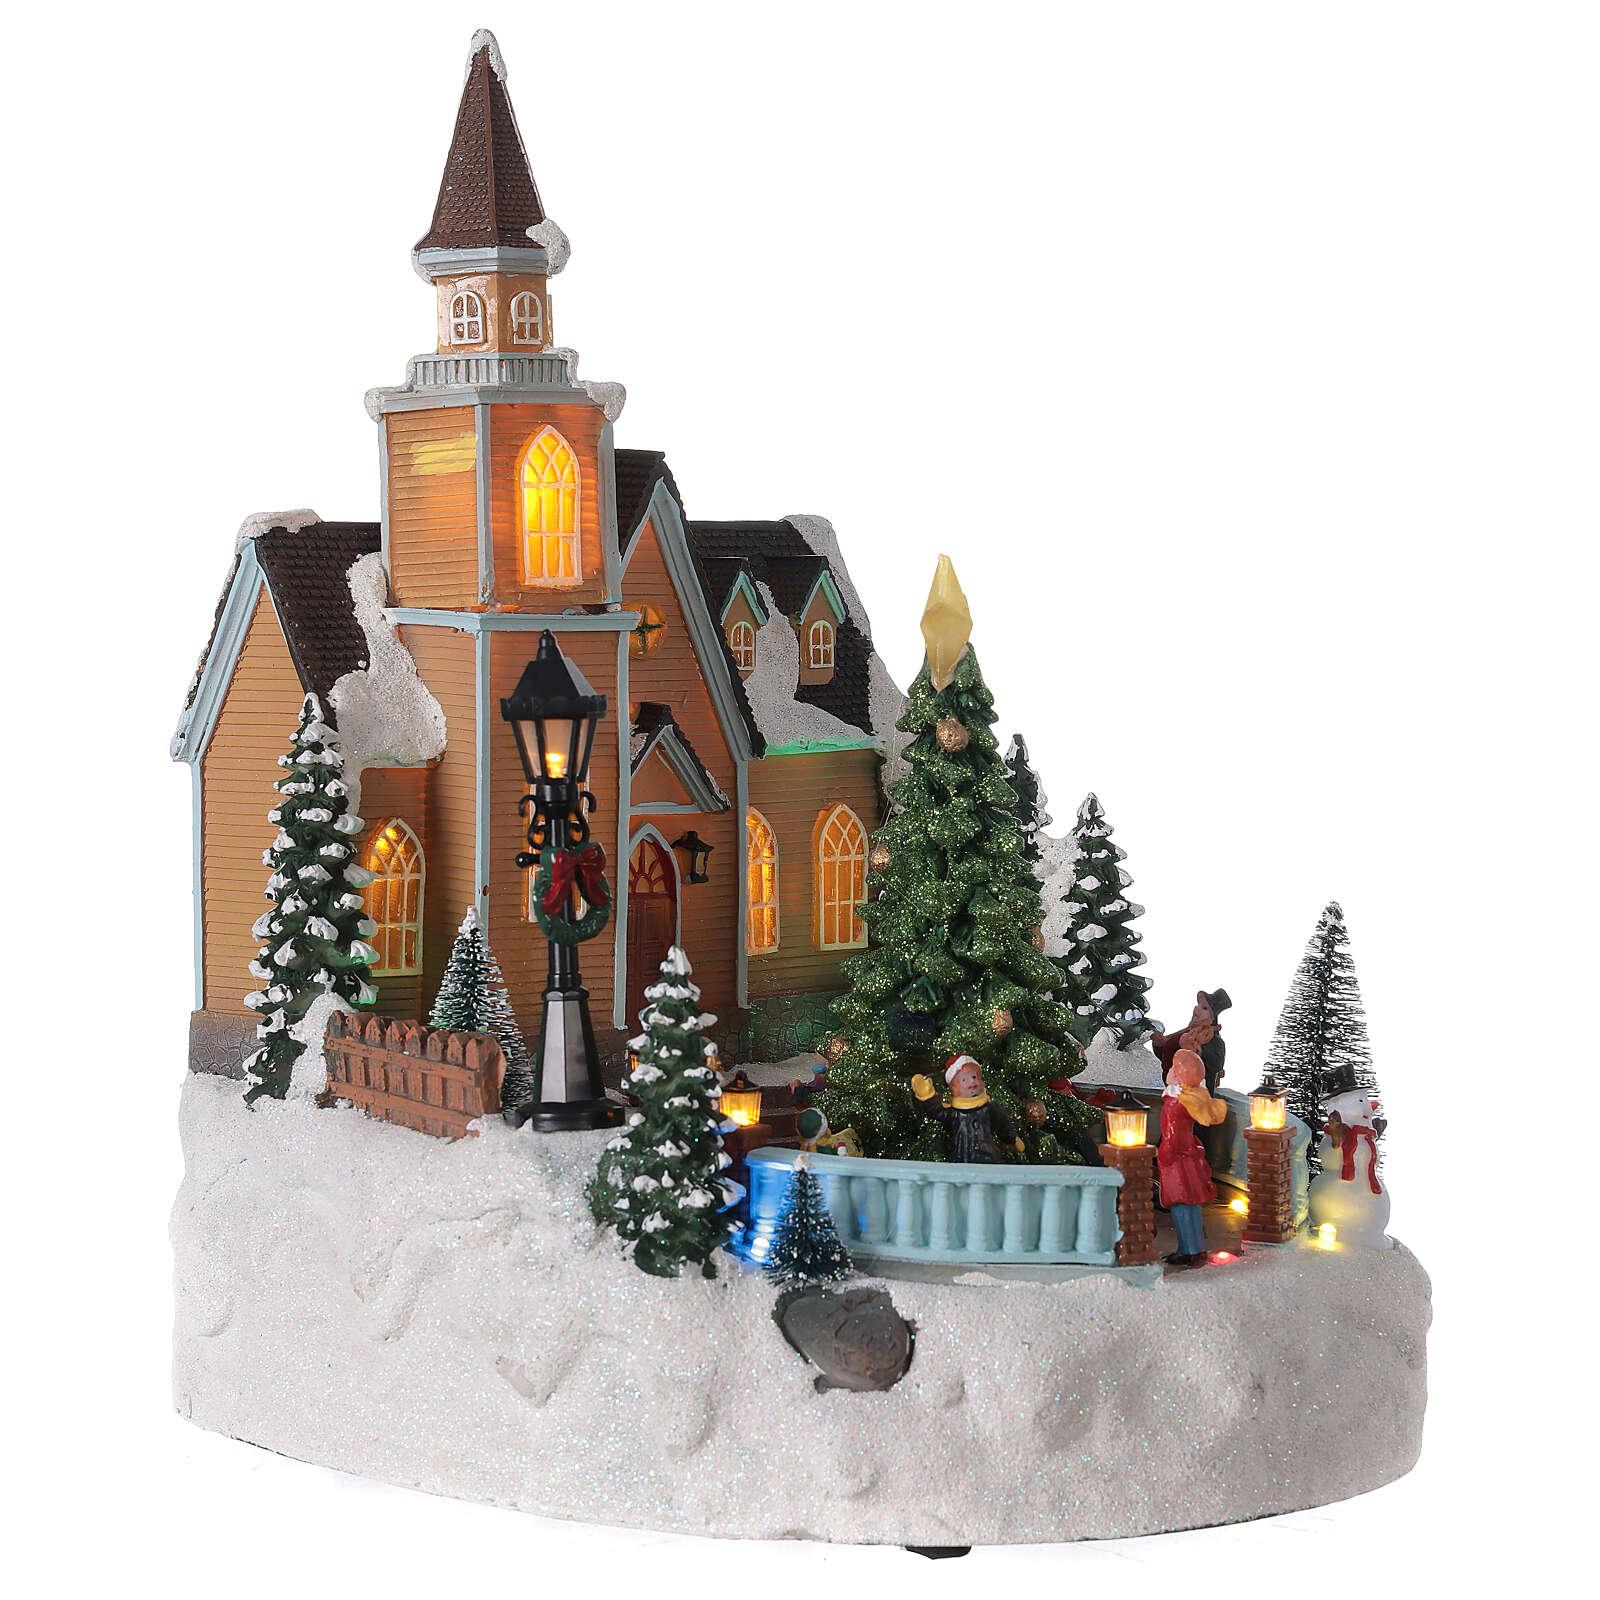 Chiesa villaggio natalizio albero glitter luci musica 35x25x30 3